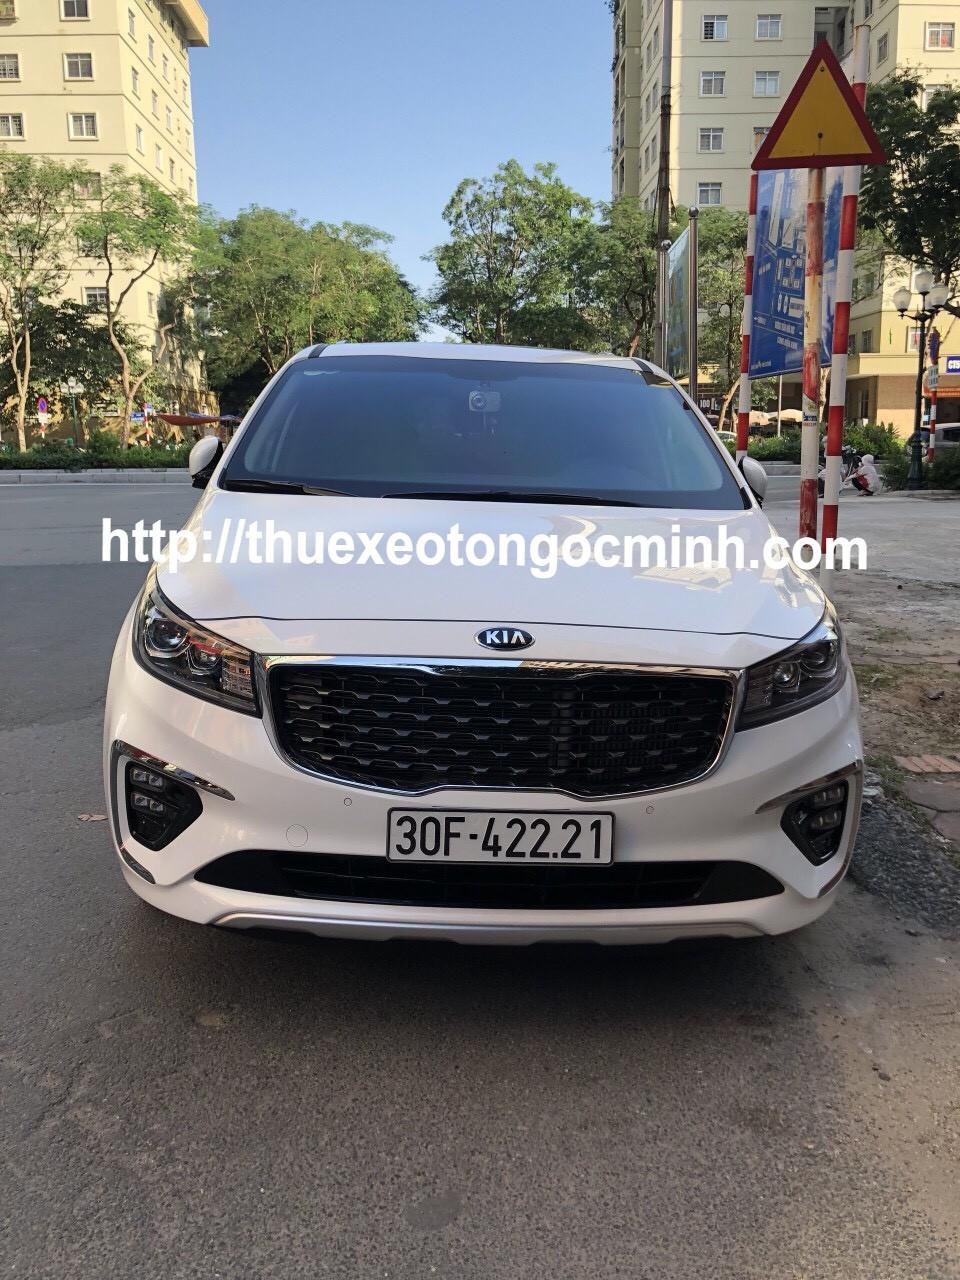 Cho thuê xe Sedona 7 chỗ theo tháng giá rẻ tại Hà Nội